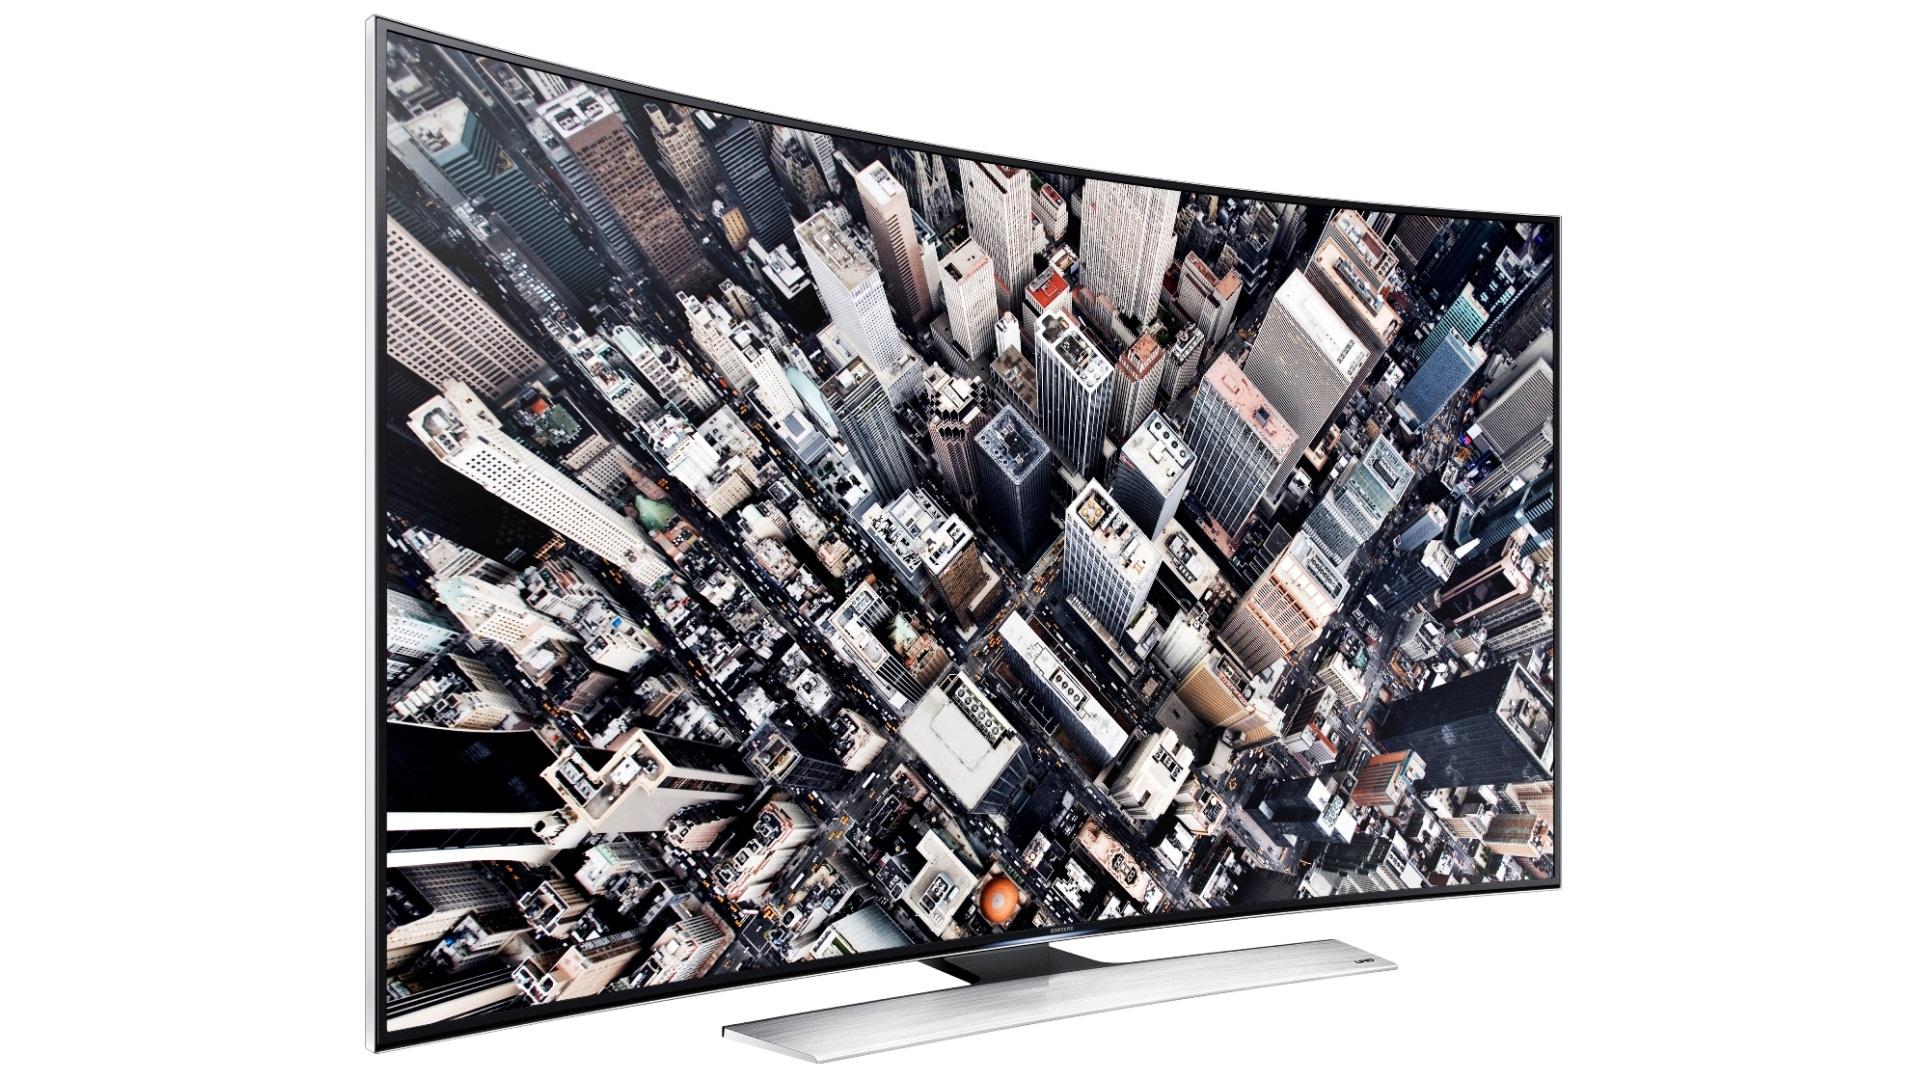 En av de berørte modellene, Samsung UE65HU8505.